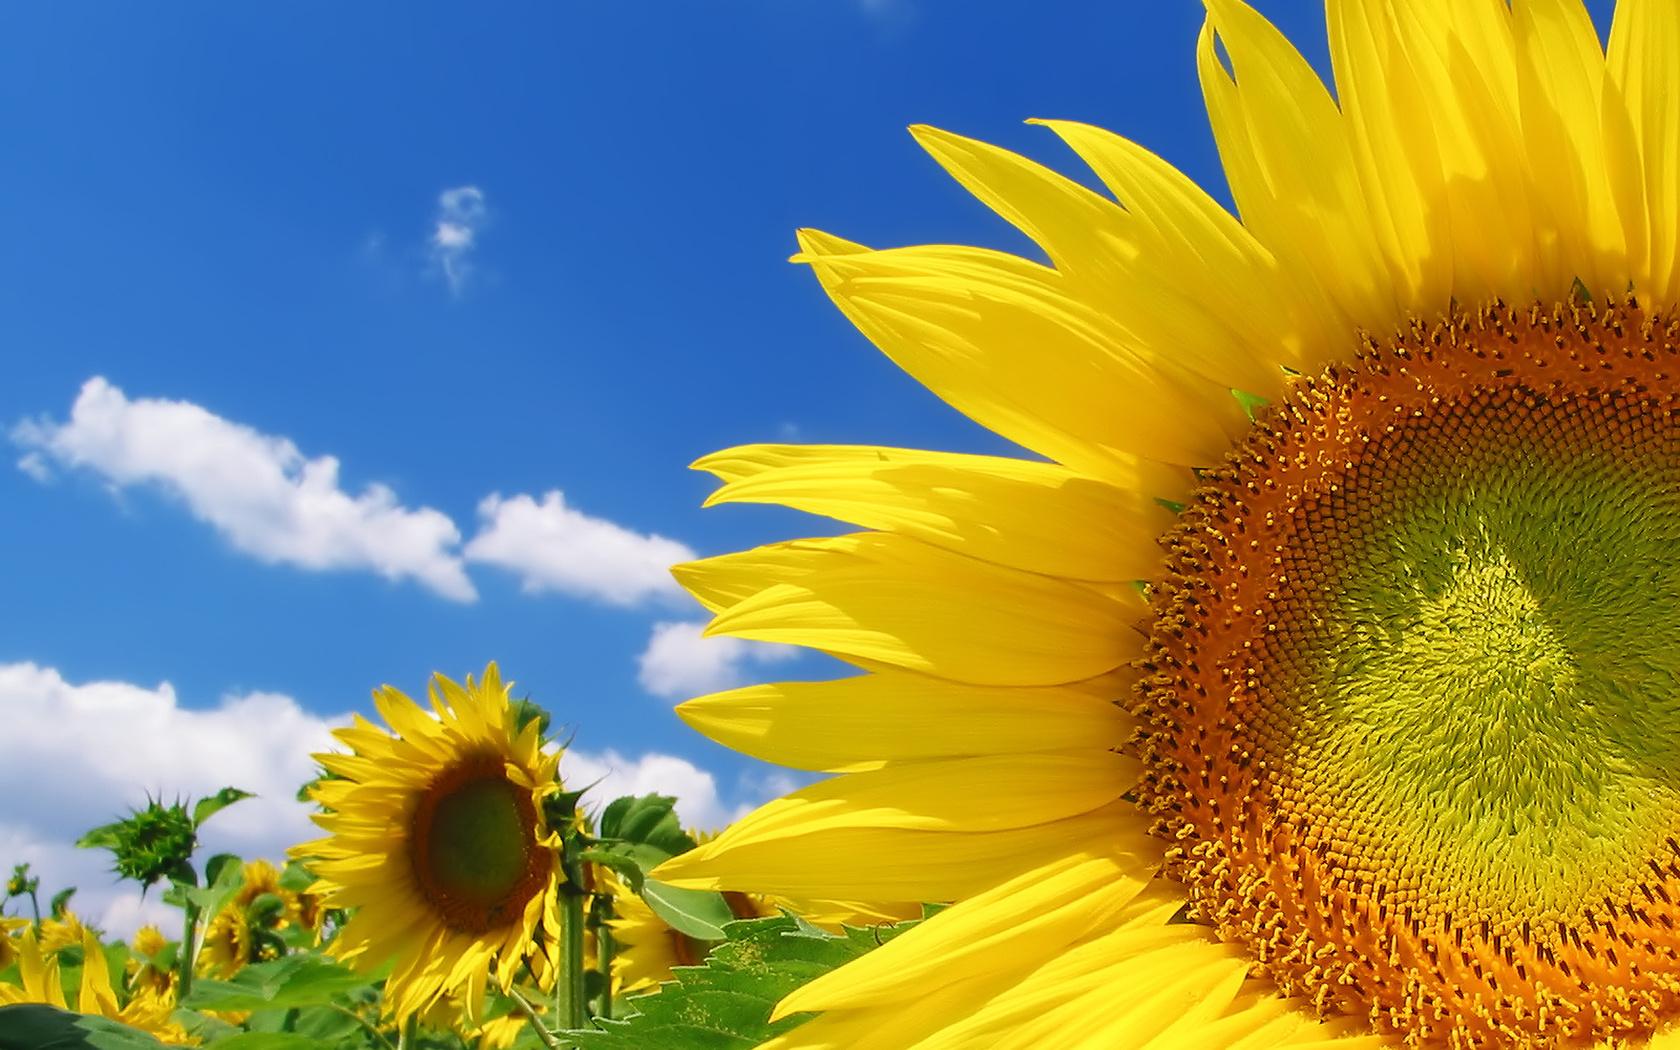 подсолнухи, поле, небо, облака, лето, цвет, желтый, ярко